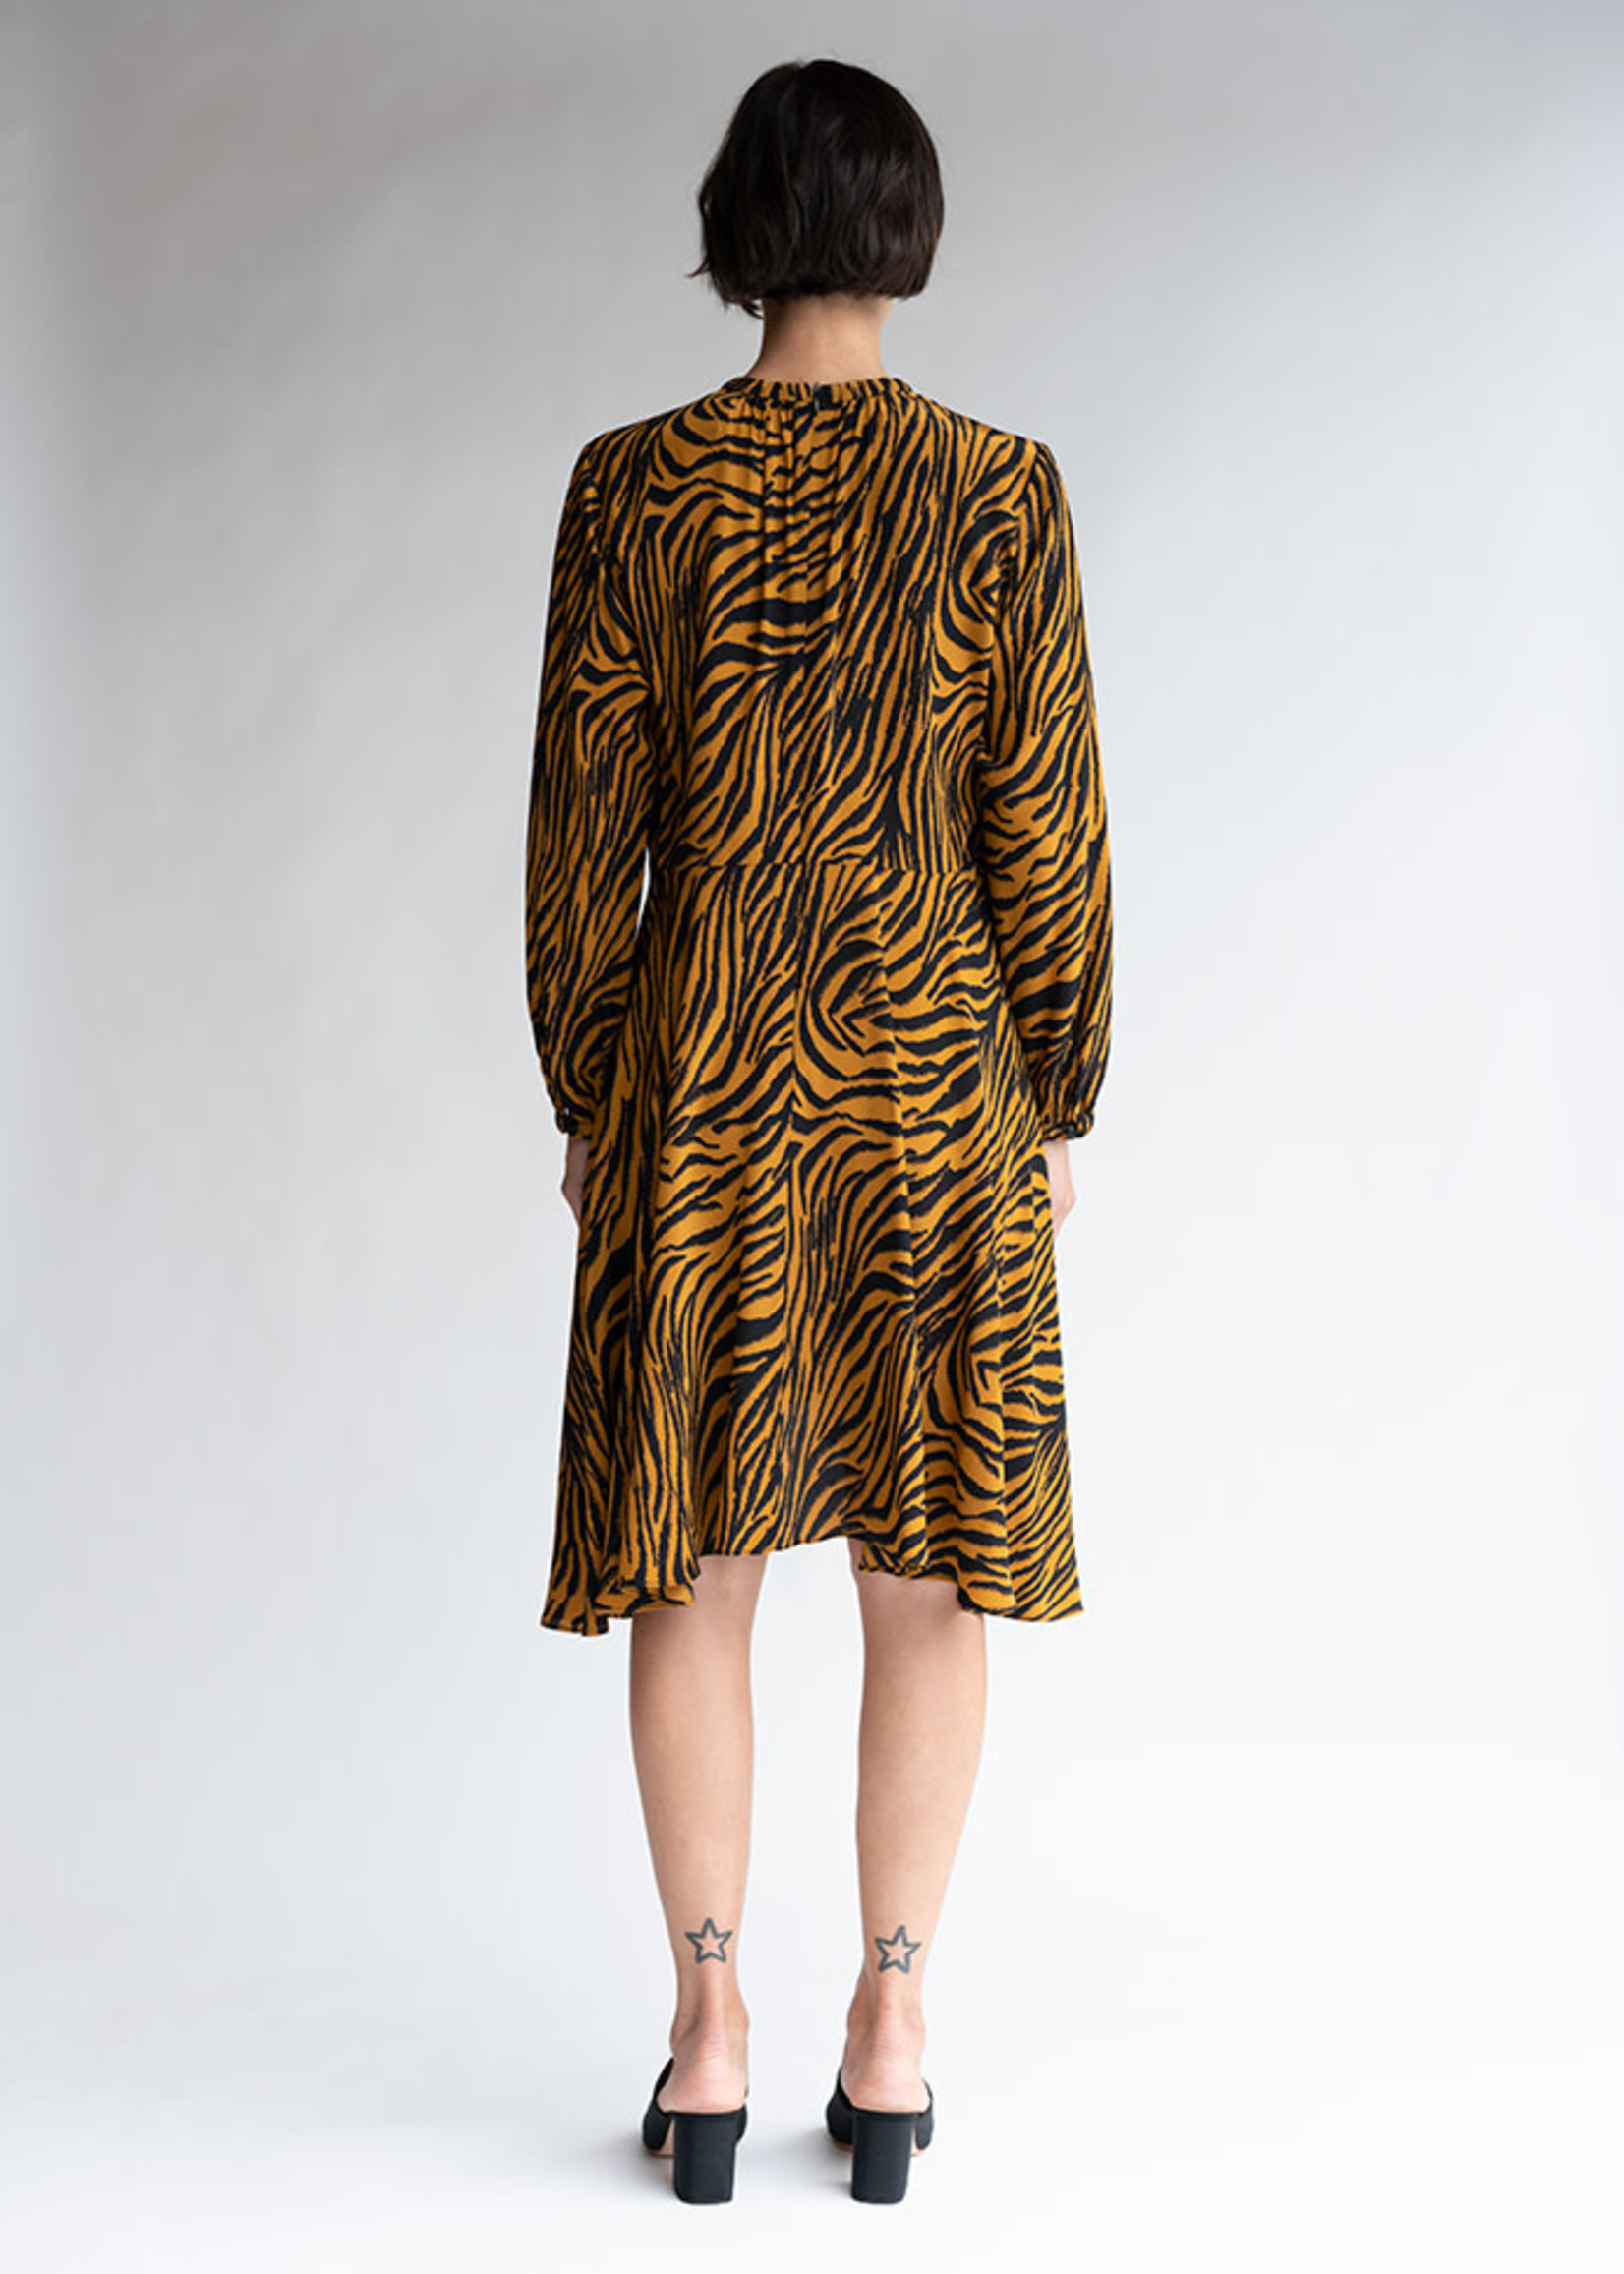 Luna Dress in Tobacco Zebra Silk